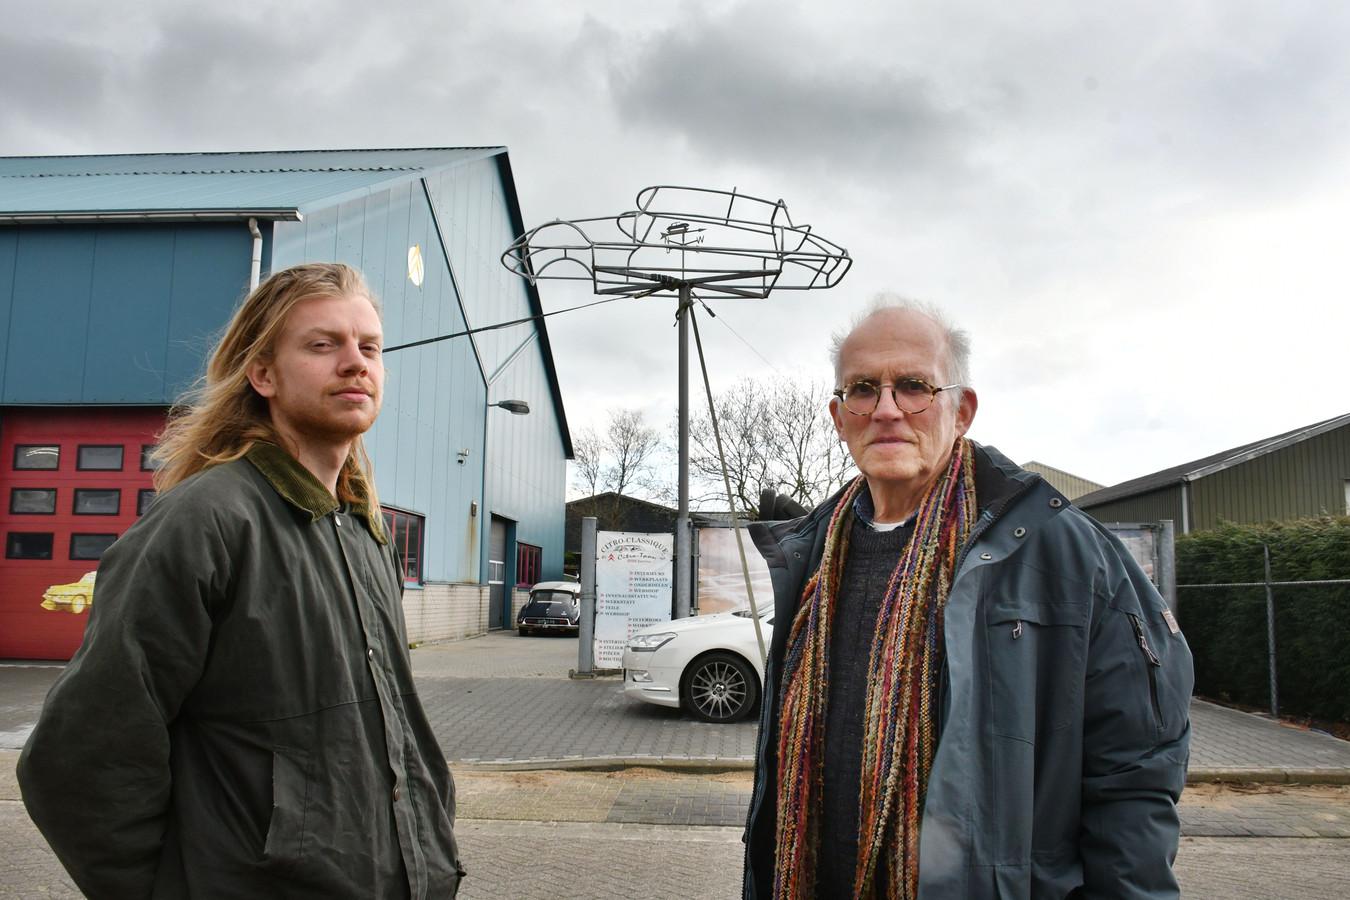 Daar staat de Citroën, op een paal op een bedrijventterrein. Zo had kunstenaar Ton Harmsen (rechts) het nooit bedoeld. Artez-student Reinier Postma (links) vond het werk terug nadat het rond 2005 spoorloos was verdwenen.